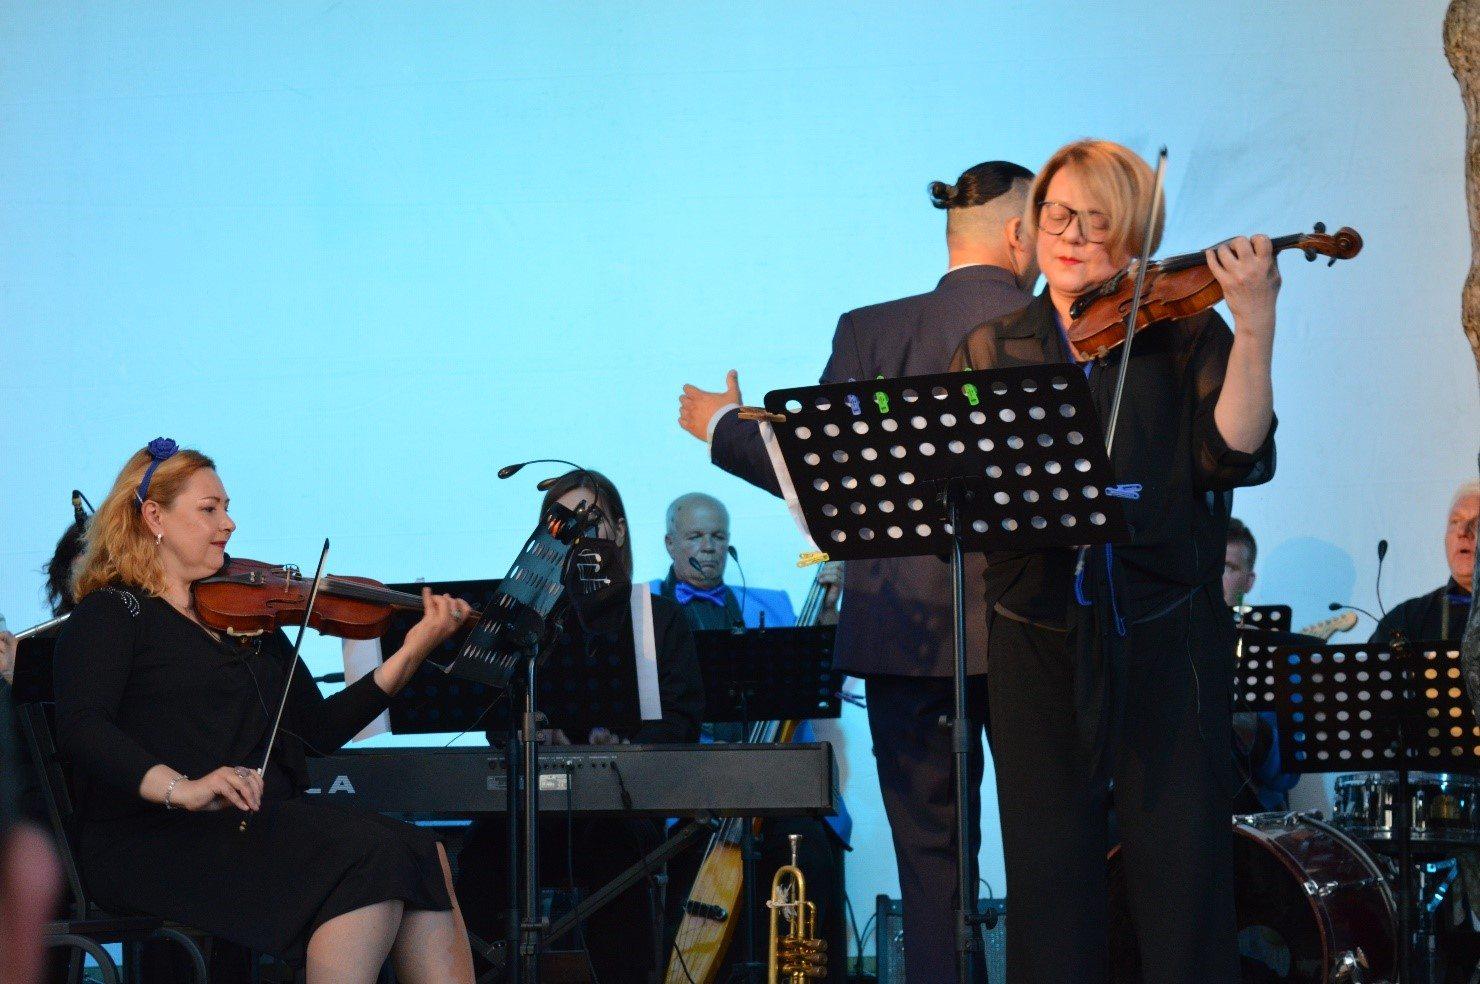 Херсонський драматичний театр запрошує на сеанс музичної терапії